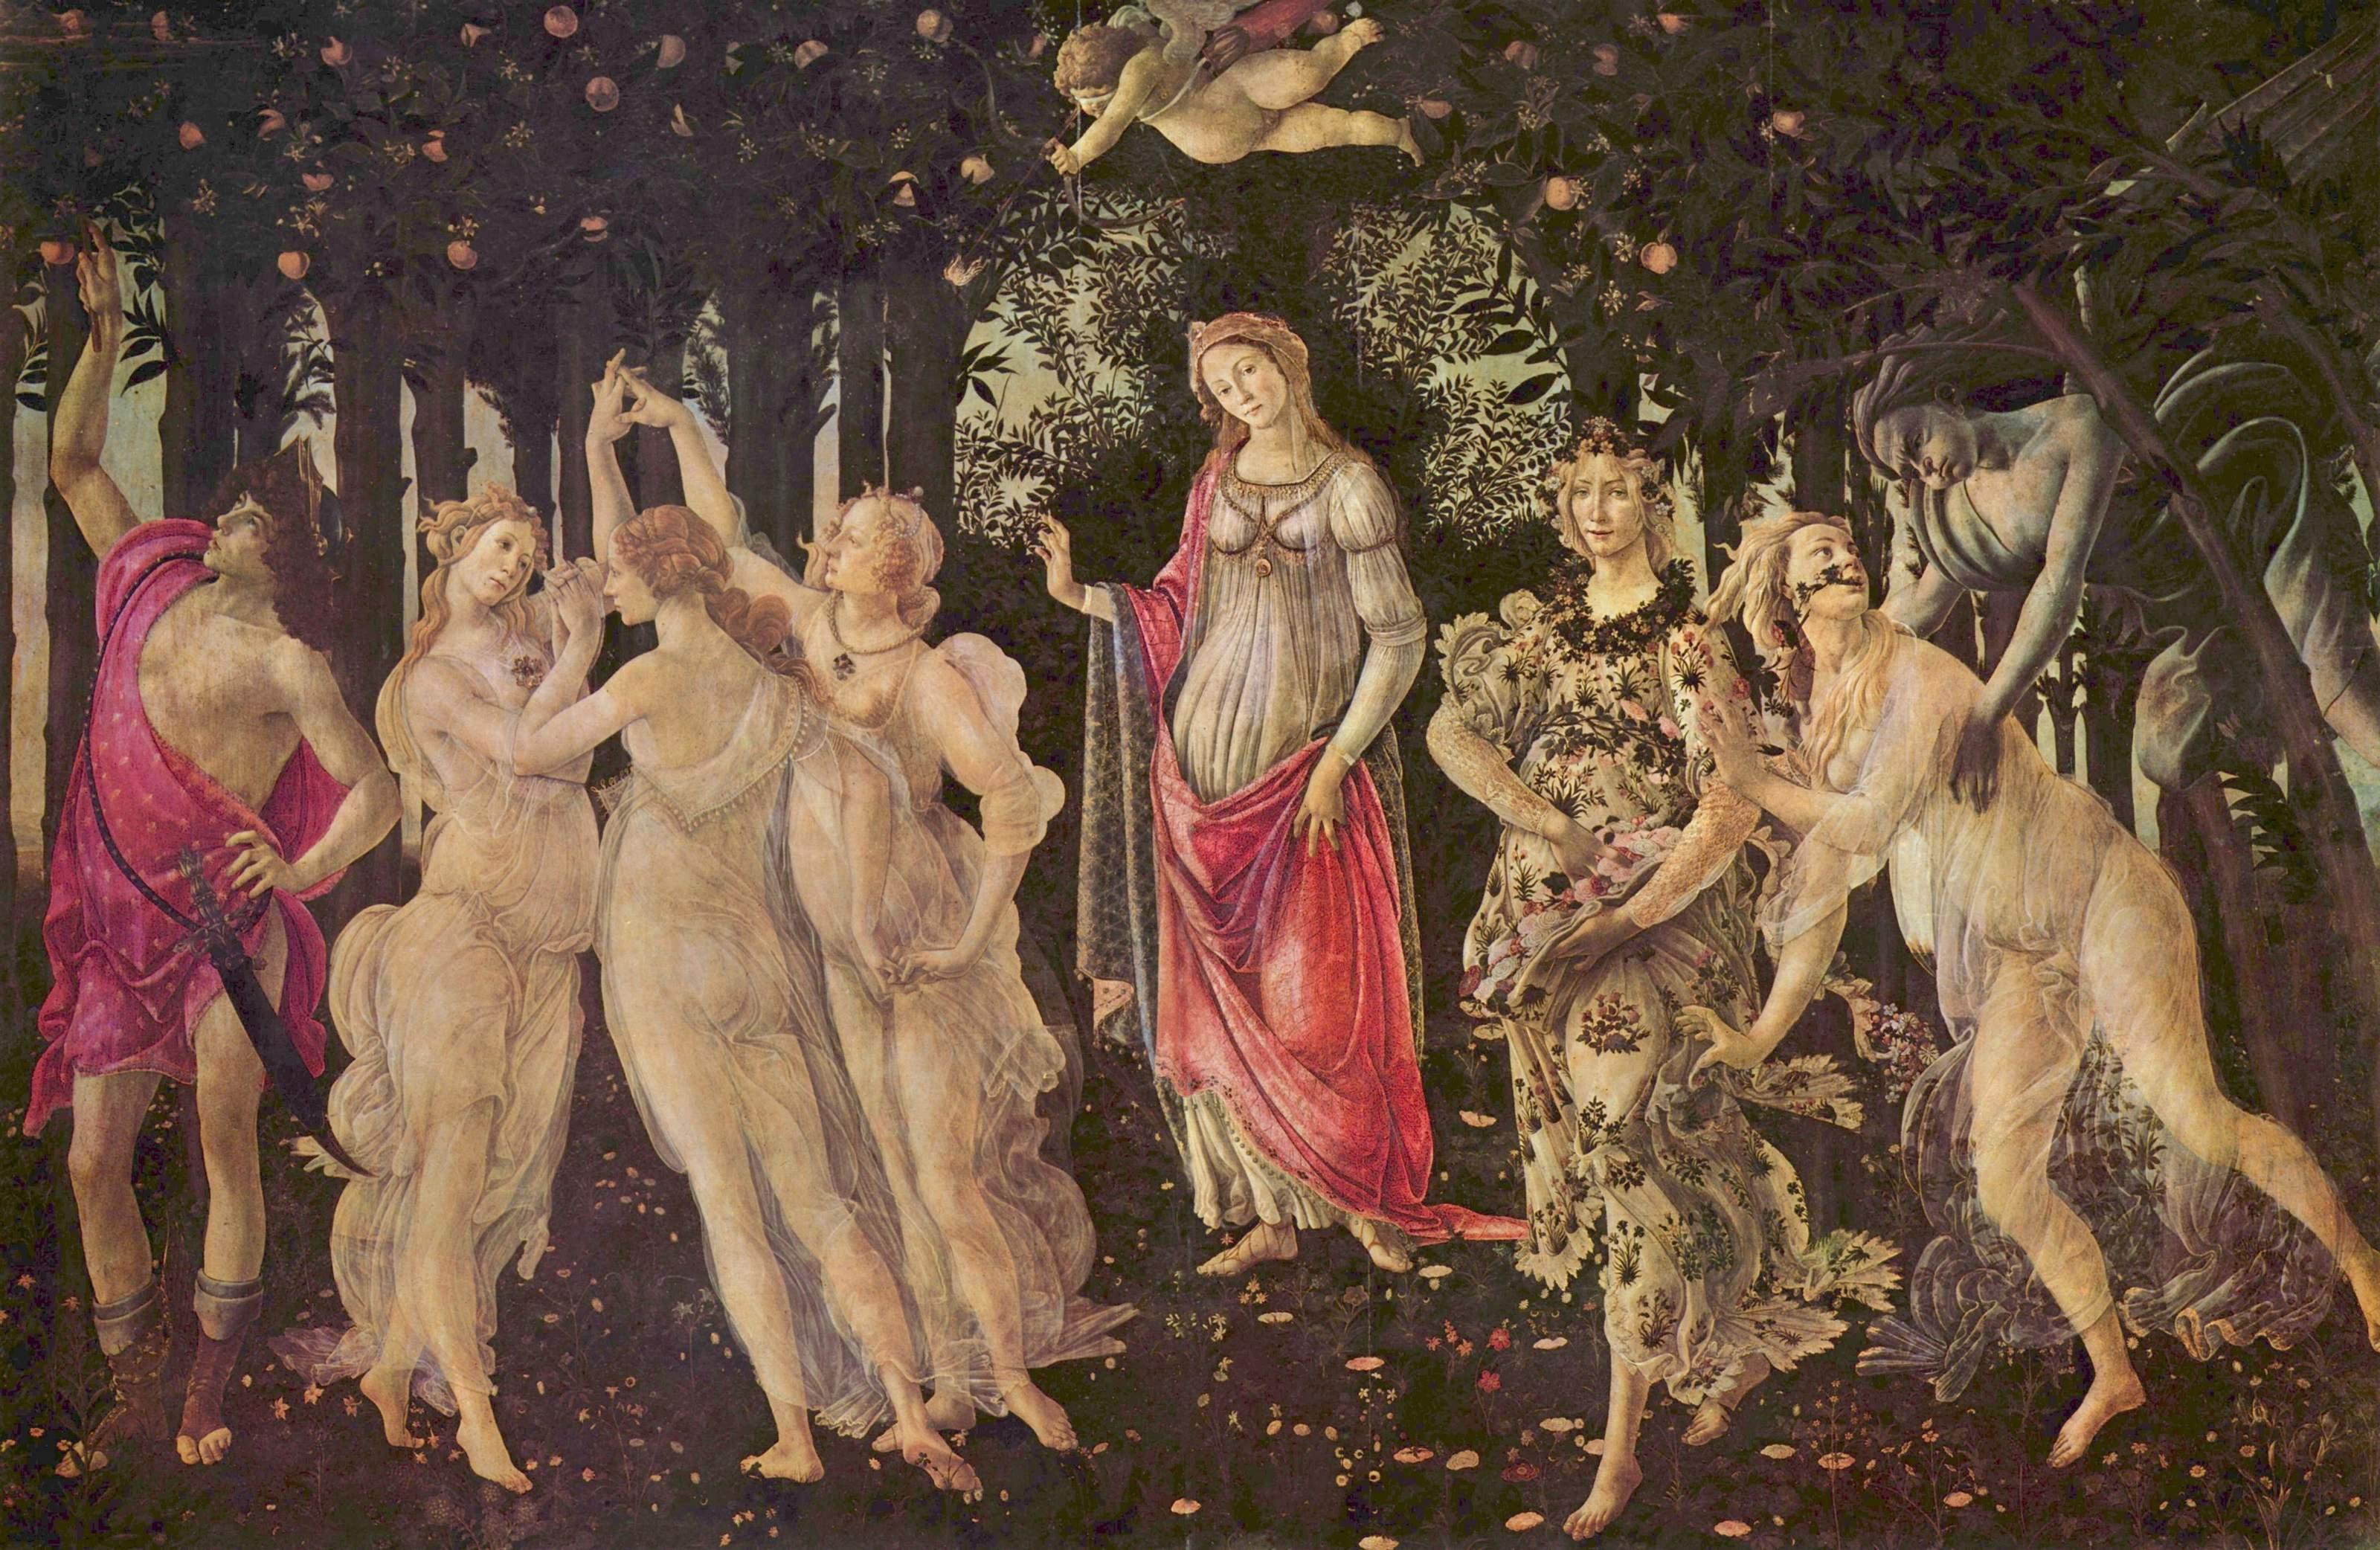 la Primavera Sandro Botticelli 春 波提切利